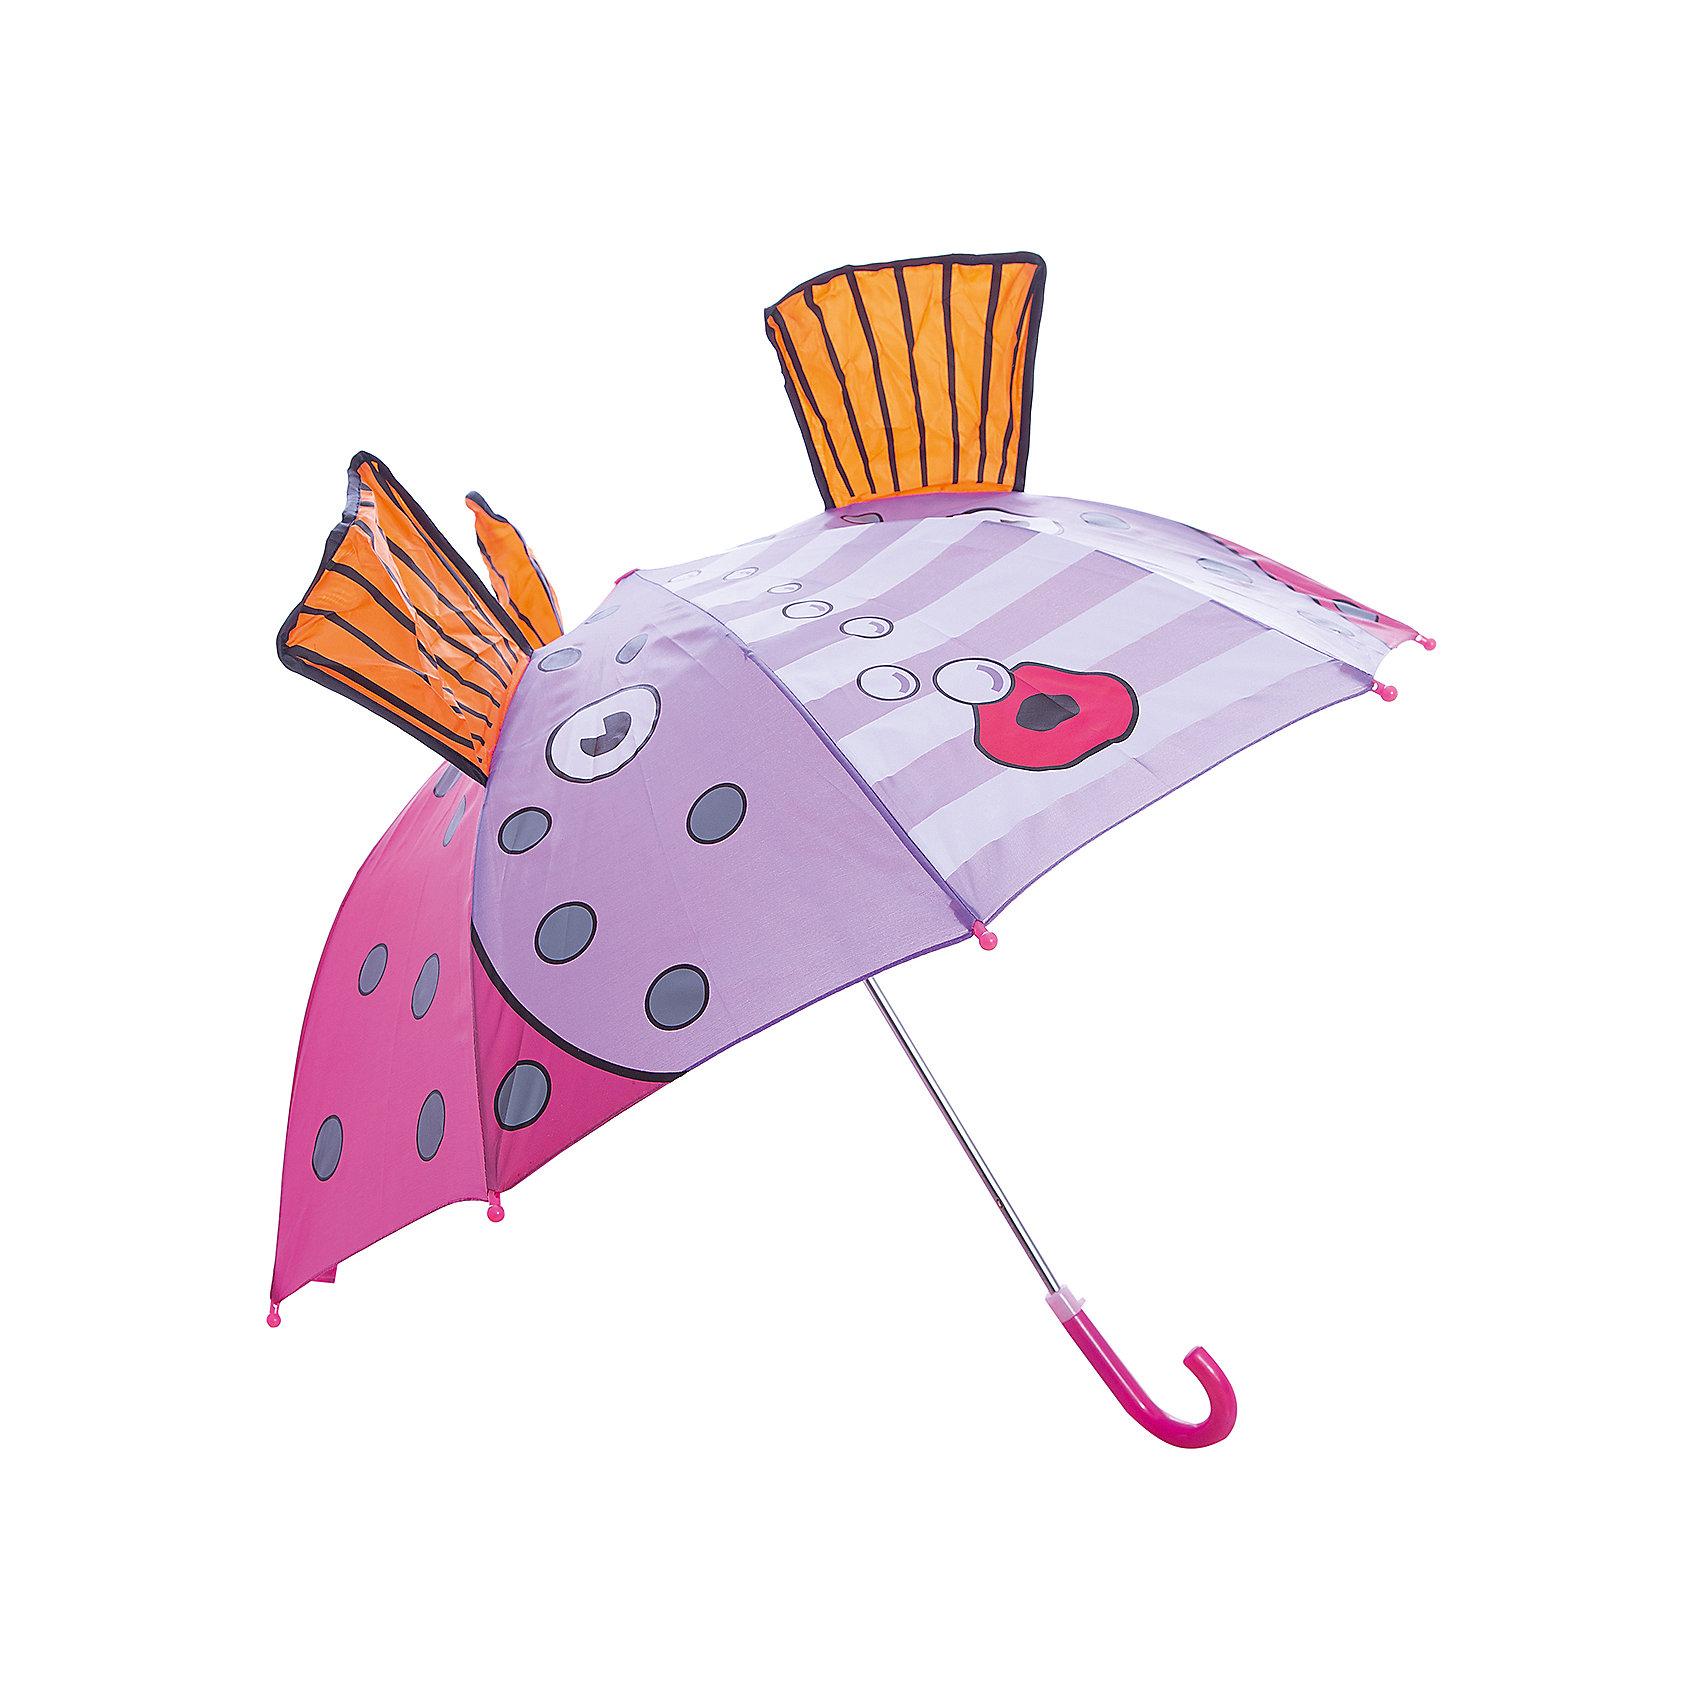 Зонт детский Золотая рыбка, 46см.Зонты детские<br>Зонт детский Золотая рыбка, 46см., Mary Poppins (Мэри Поппинс)<br><br>Характеристики:<br><br>• устойчив к ветру<br>• система складывания: механическая<br>• прочное крепление купола<br>• радиус купола: 46 см<br>• длина ручки: 57 см<br>• пластиковые насадки на спицах<br>• материал: текстиль, металл, пластик<br>• размер упаковки: 58х4х4 см<br><br>Зонтик Золотая рыбка от Mary Poppins порадует малыша в непогоду. Купол изготовлен из прочного непромокаемого материала, который легко очищается при необходимости. Для безопасности ребенка на спицах предусмотрены круглые пластиковые наконечники. Усиленная конструкция зонта не боится сильного ветра и дождя. Купол оформлен красочным изображением в виде рыбки и дополнен объемными плавниками.<br><br>Зонт детский Золотая рыбка, 46см., Mary Poppins (Мэри Поппинс) можно купить в нашем интернет-магазине.<br><br>Ширина мм: 580<br>Глубина мм: 700<br>Высота мм: 400<br>Вес г: 245<br>Возраст от месяцев: 36<br>Возраст до месяцев: 2147483647<br>Пол: Женский<br>Возраст: Детский<br>SKU: 5508510